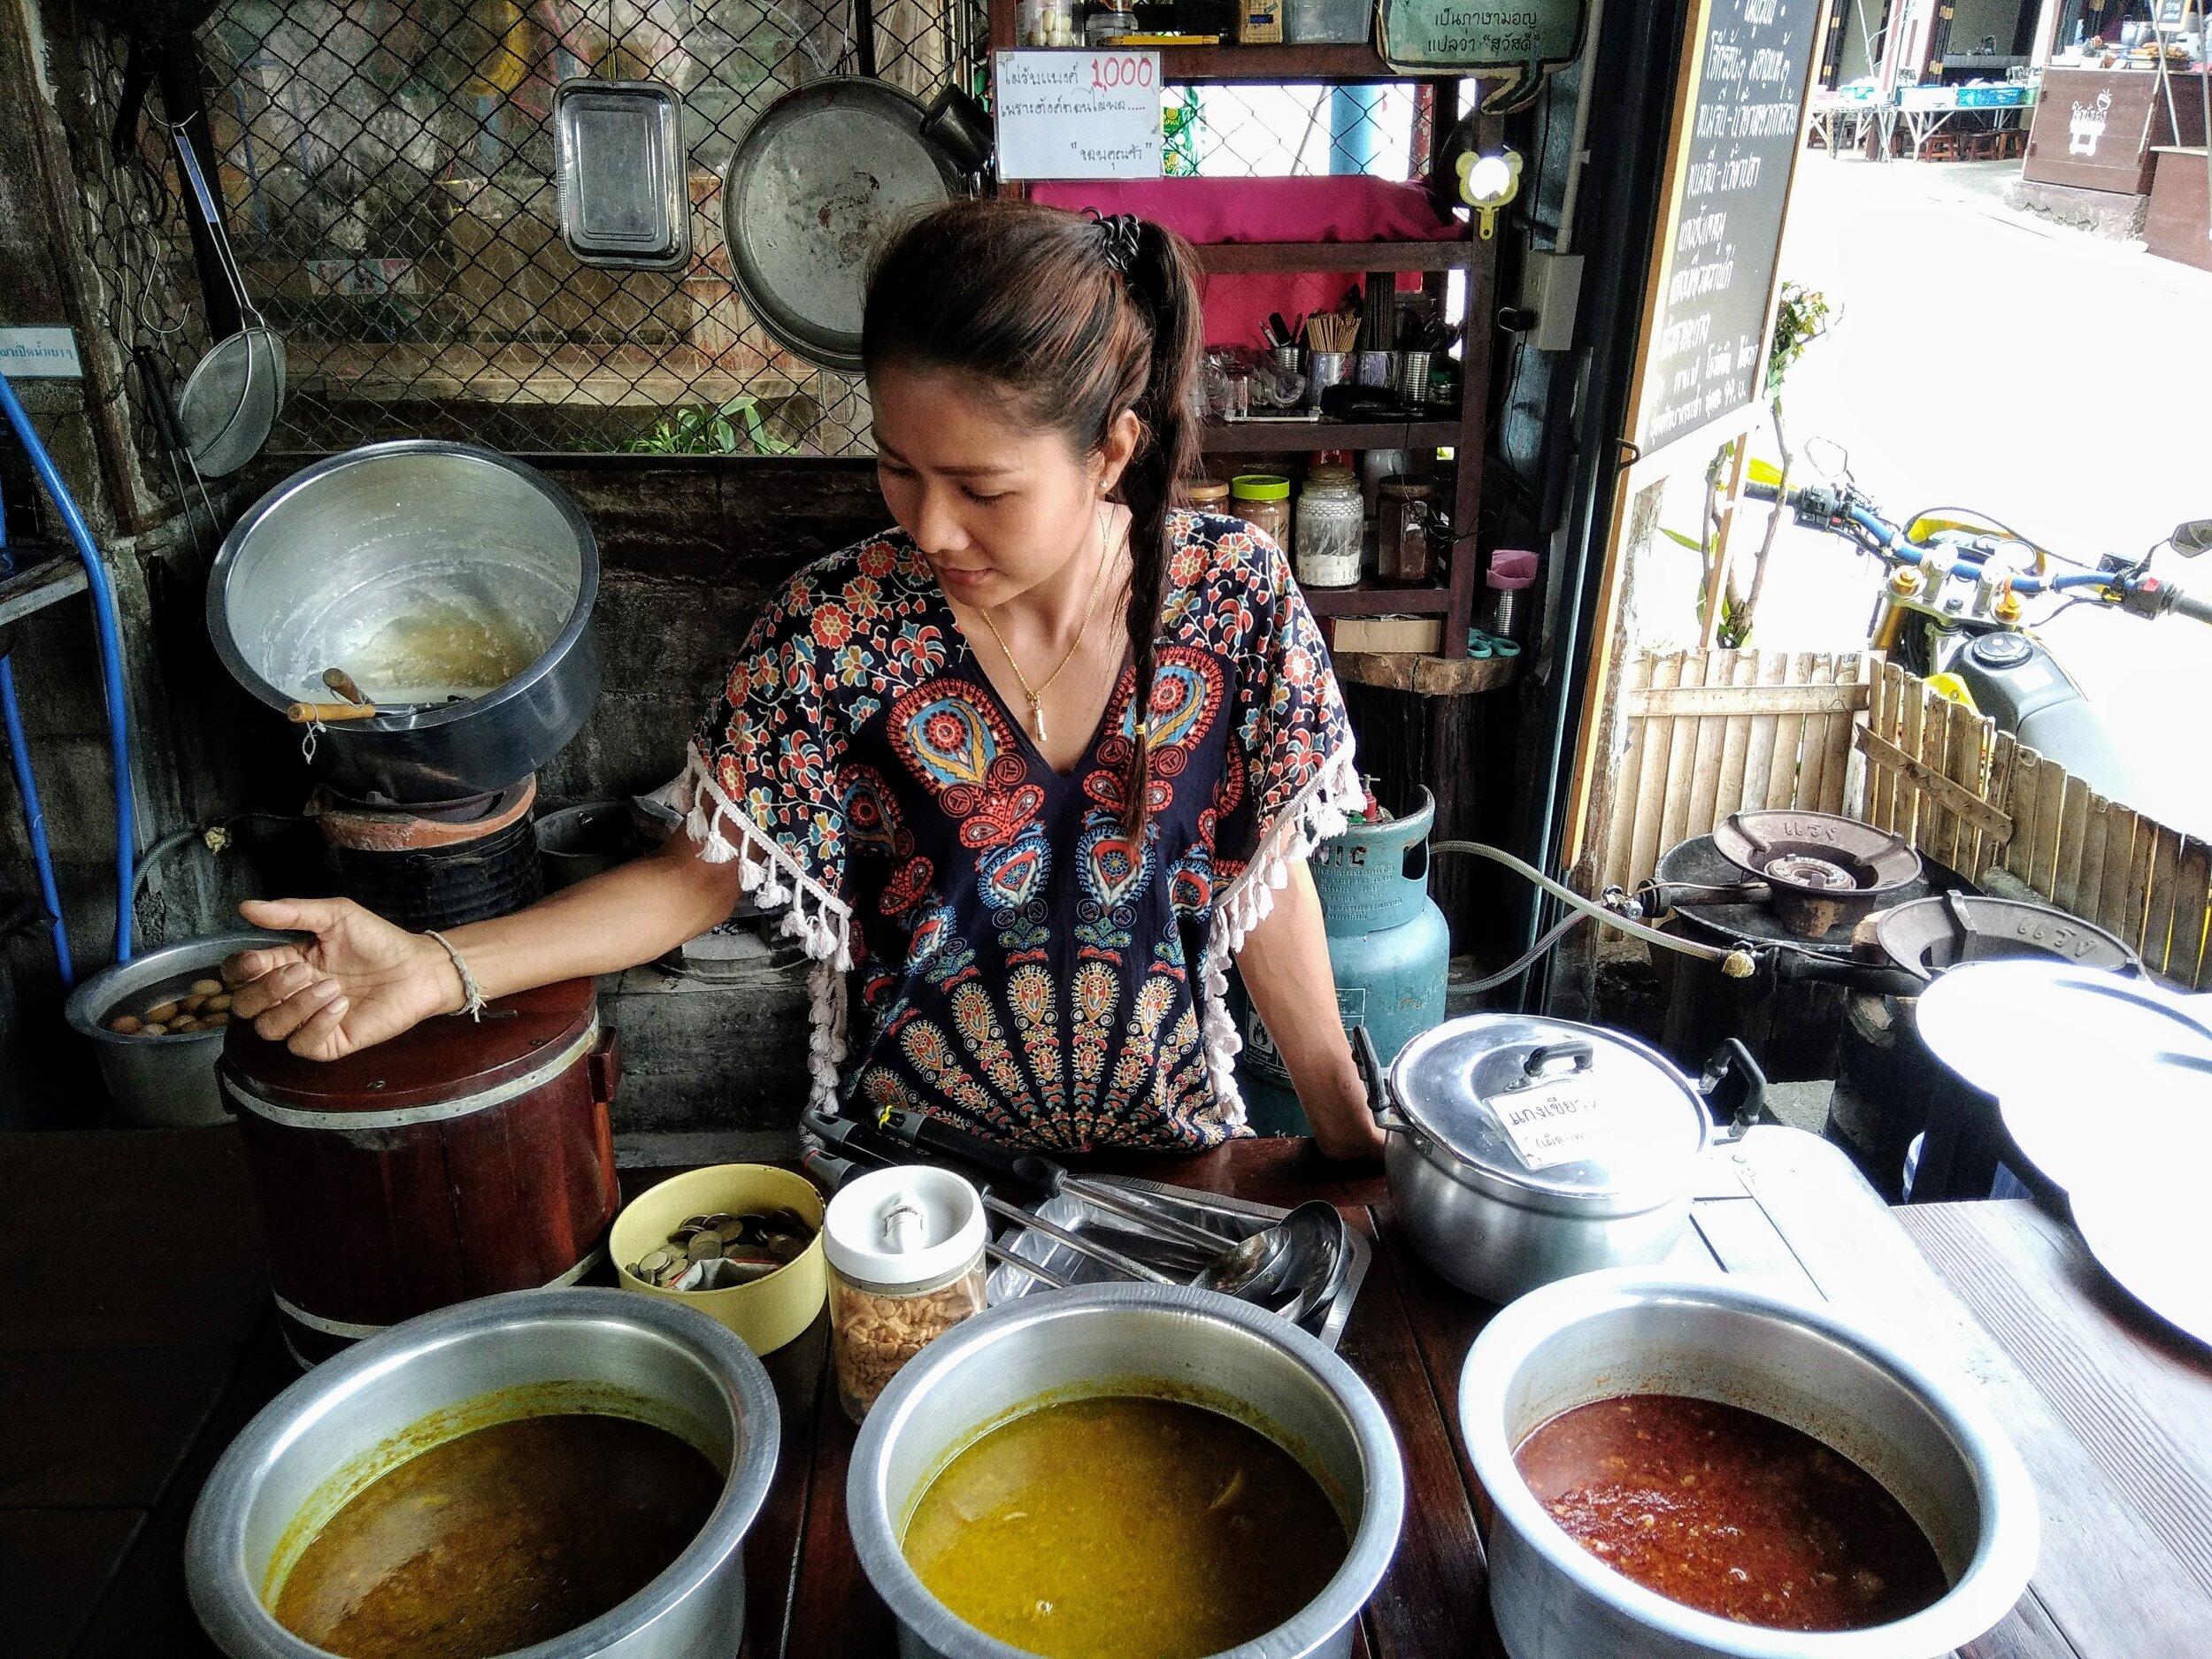 万朋在普通市场上卖咖喱。